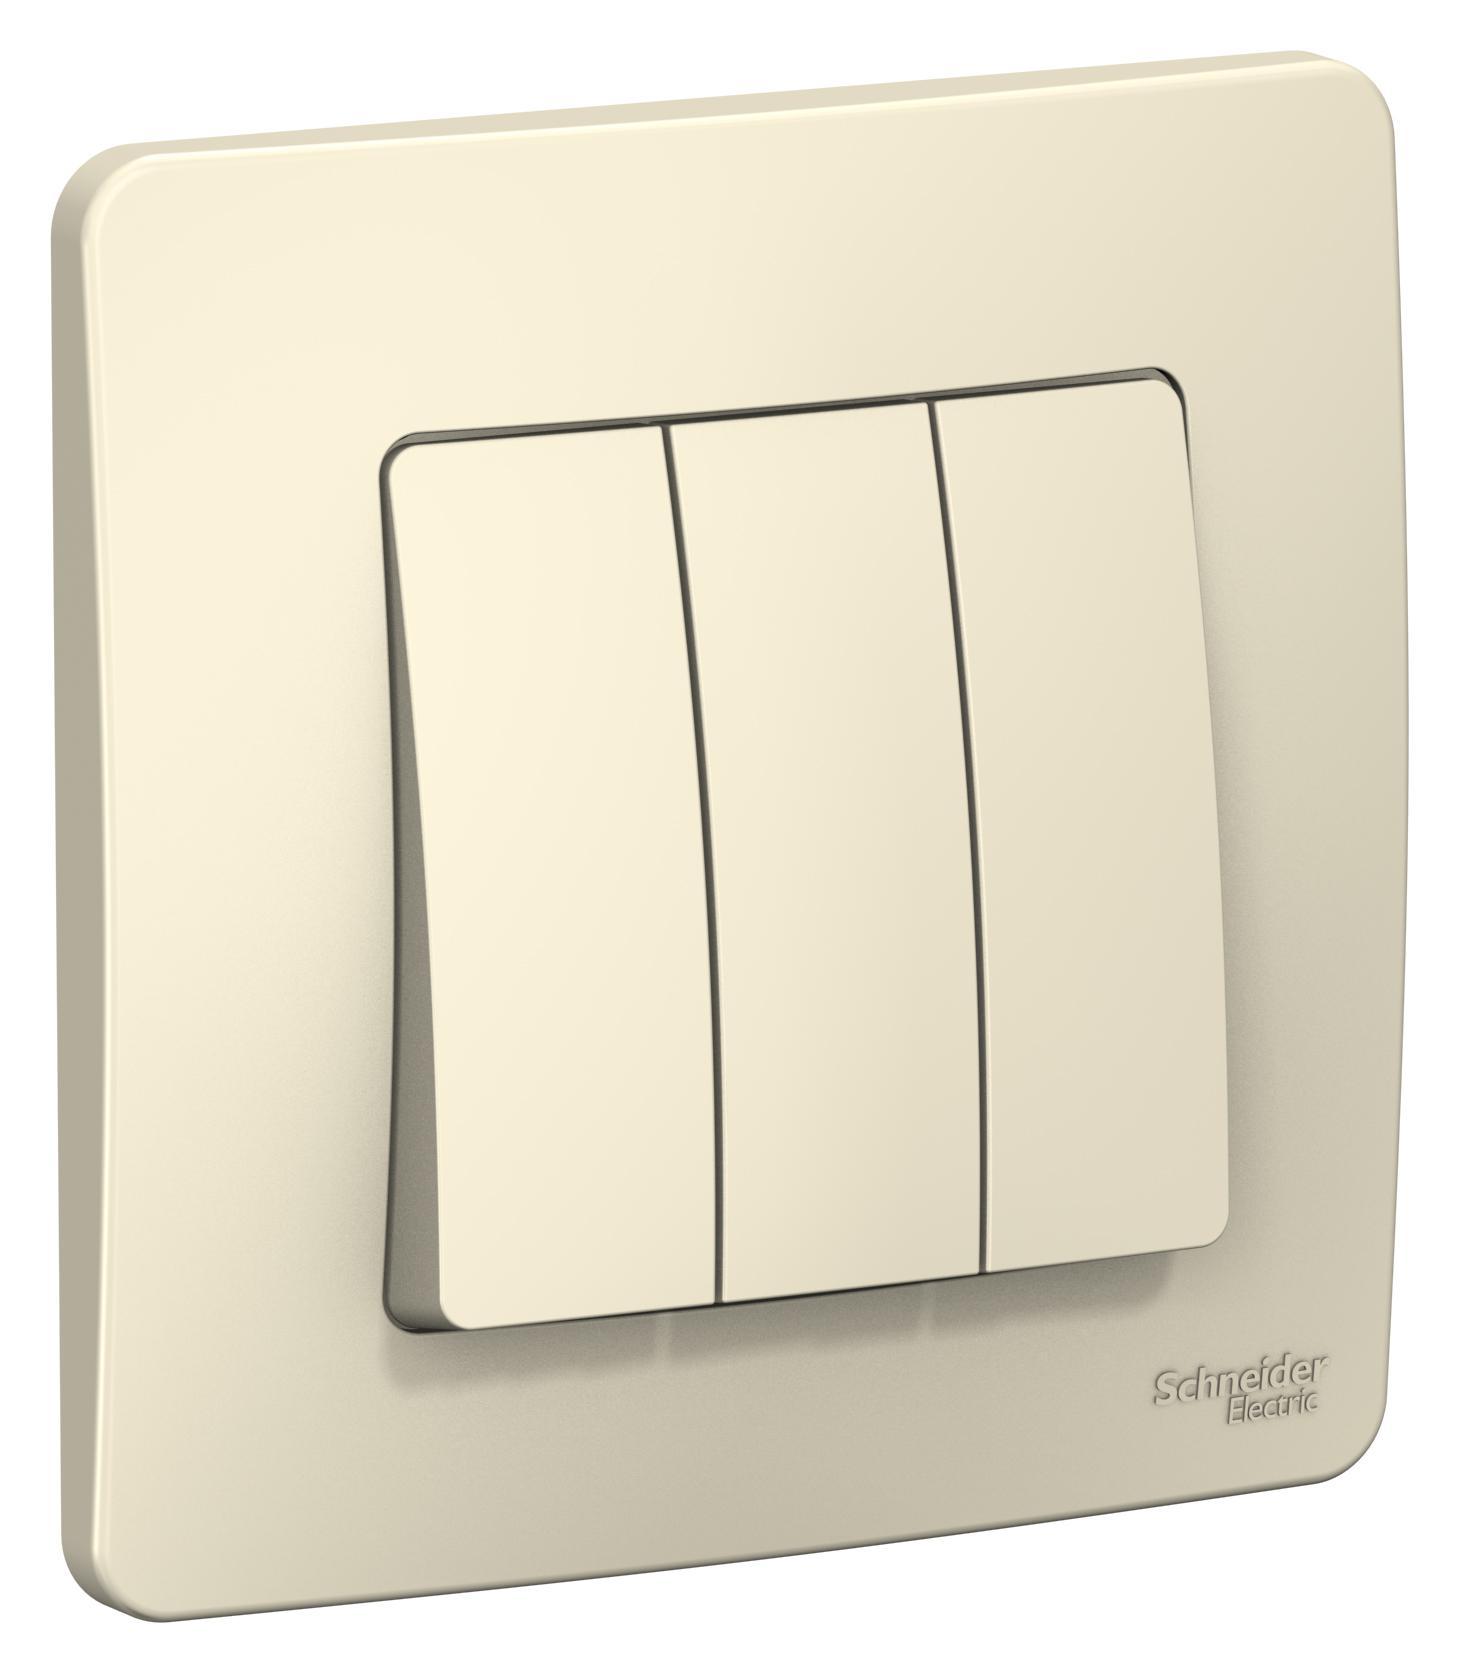 Выключатель Schneider electric Blnvs100502 blanca выключатель schneider electric blnva105014 blanca